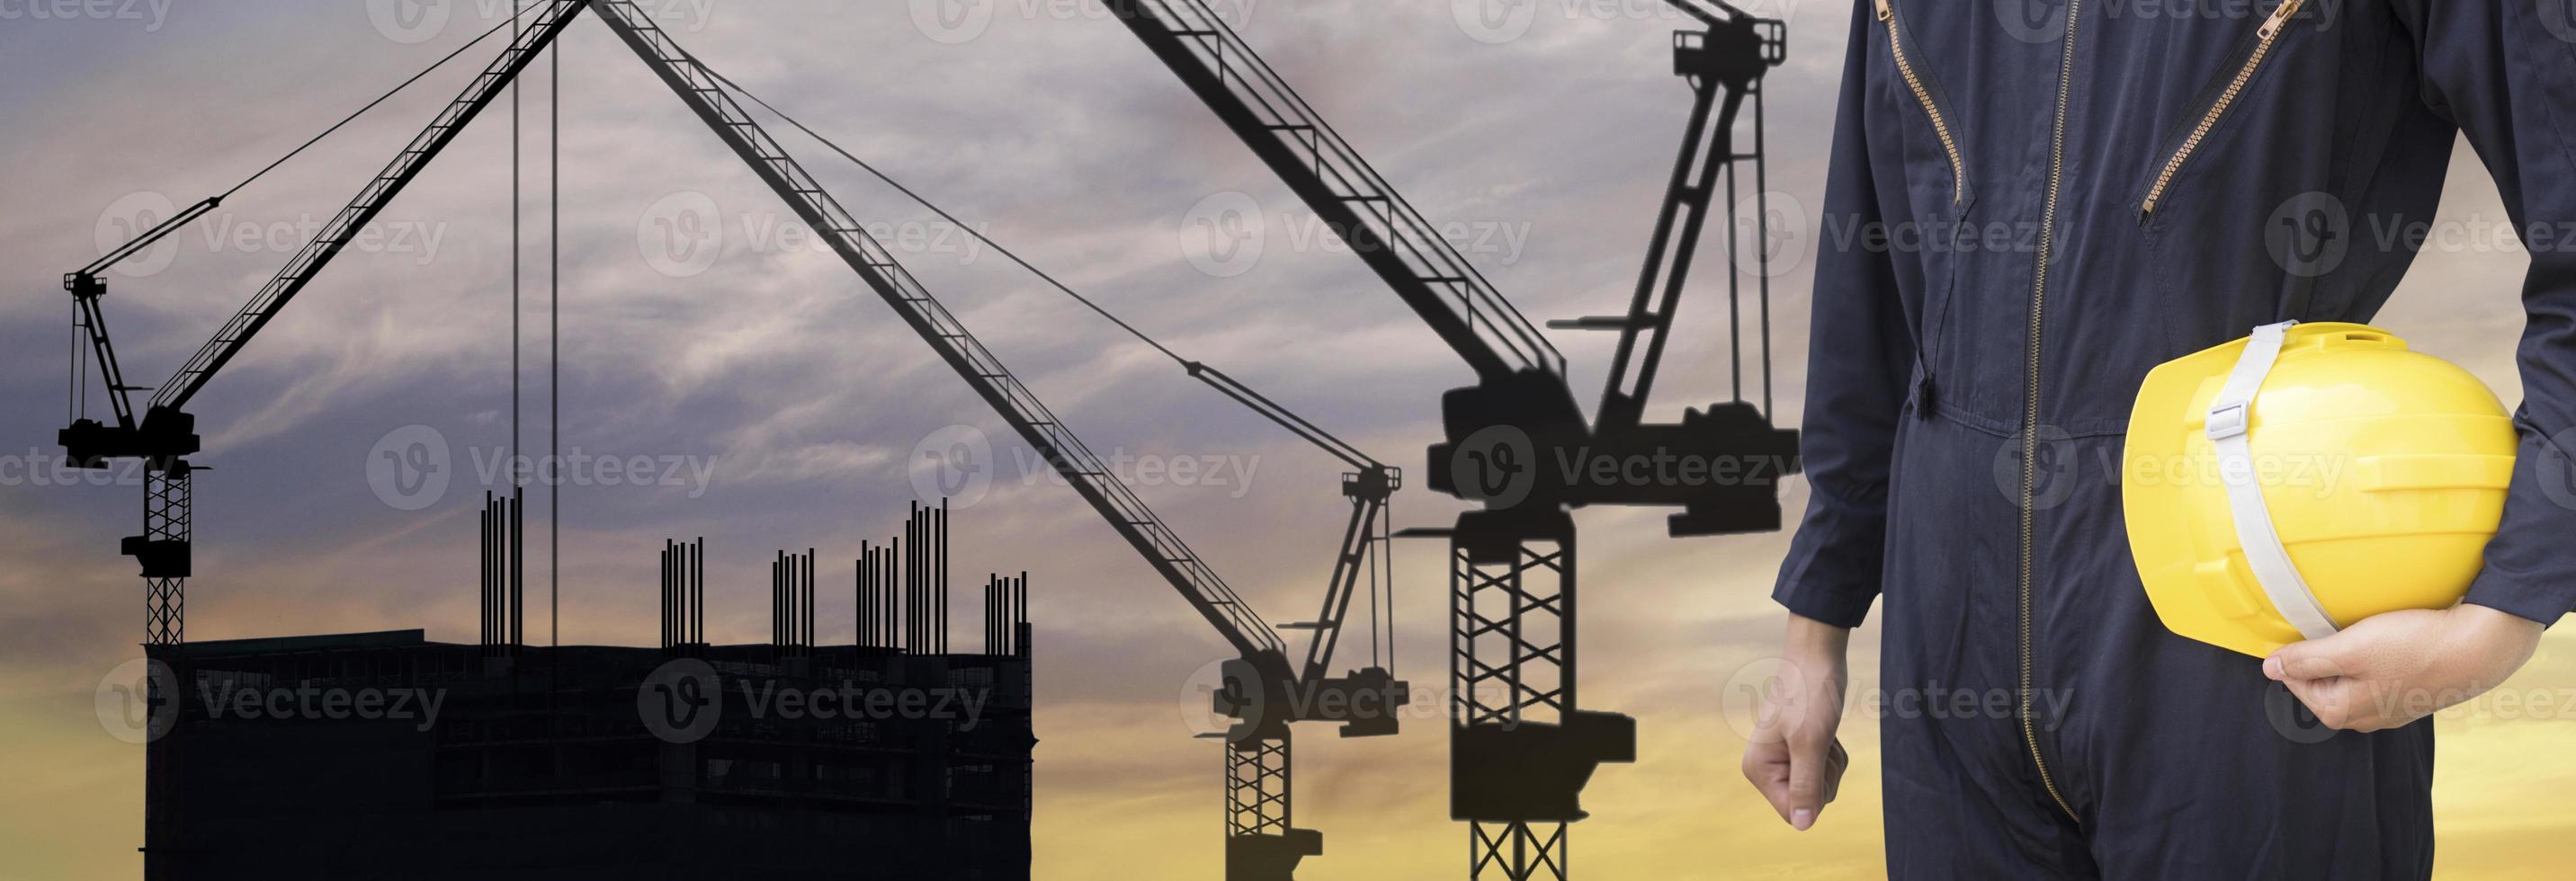 silhouette de grue et ouvrier du bâtiment photo